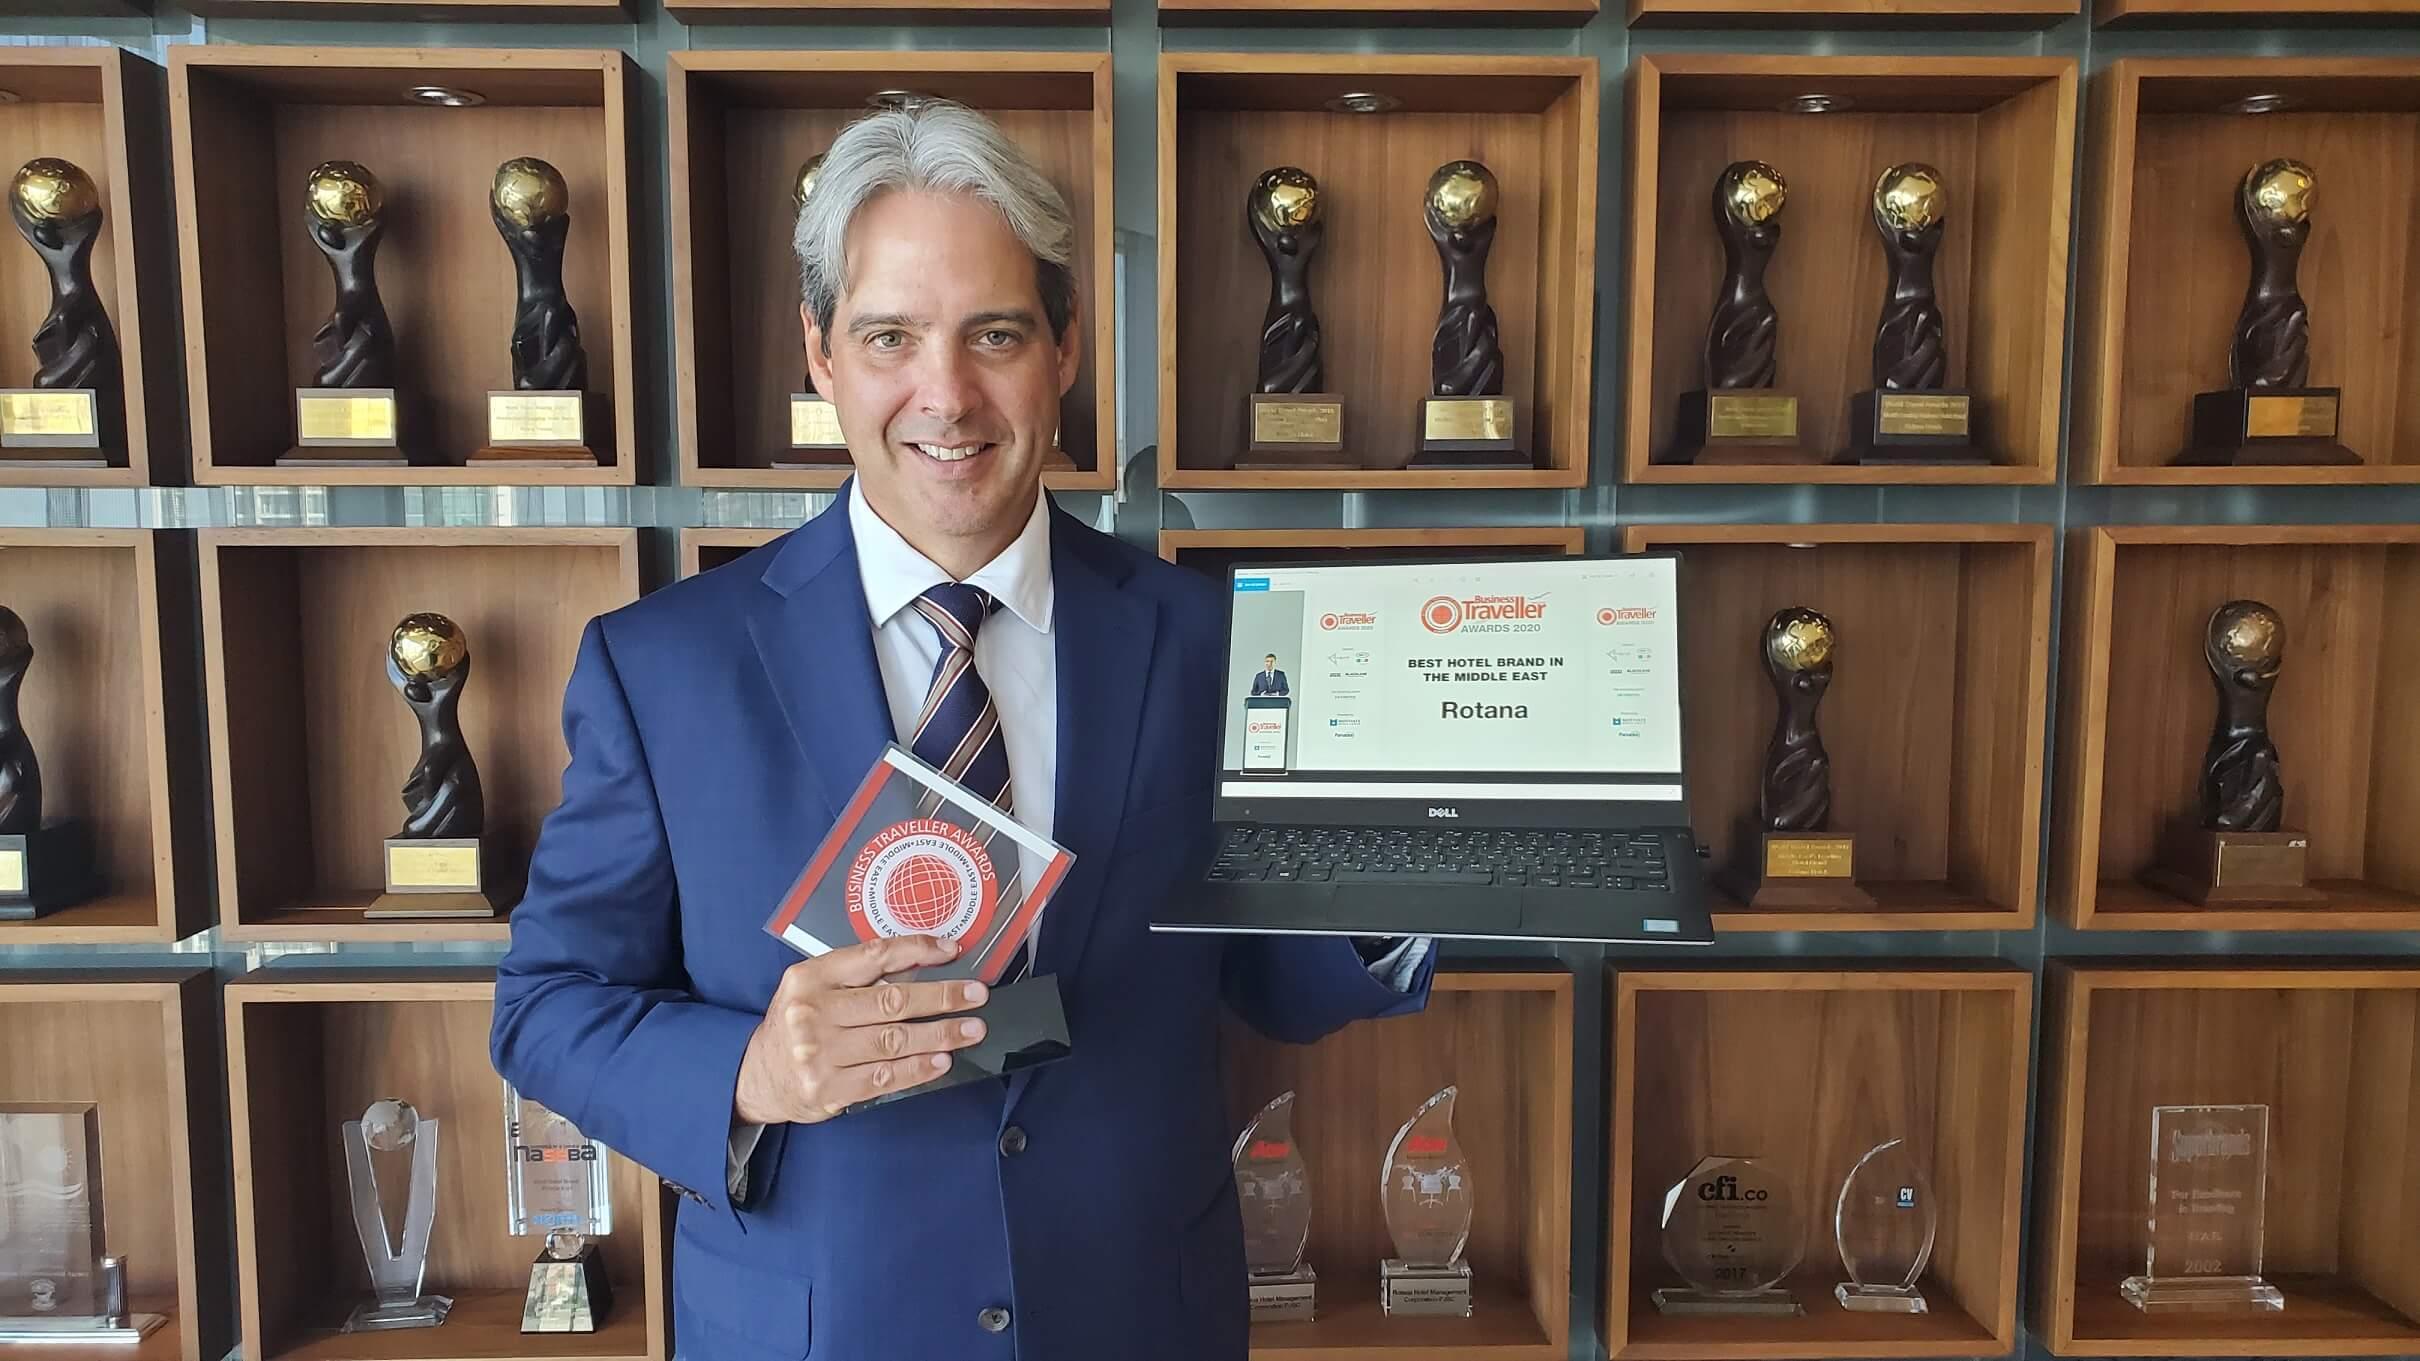 """روتانا تحصد جائزة """"أفضل علامة فندقية في الشرق الأوسط"""" ضمن جوائز """"بزنس ترافلر الشرق الأوسط 2020"""" للعام الرابع على التوالي"""